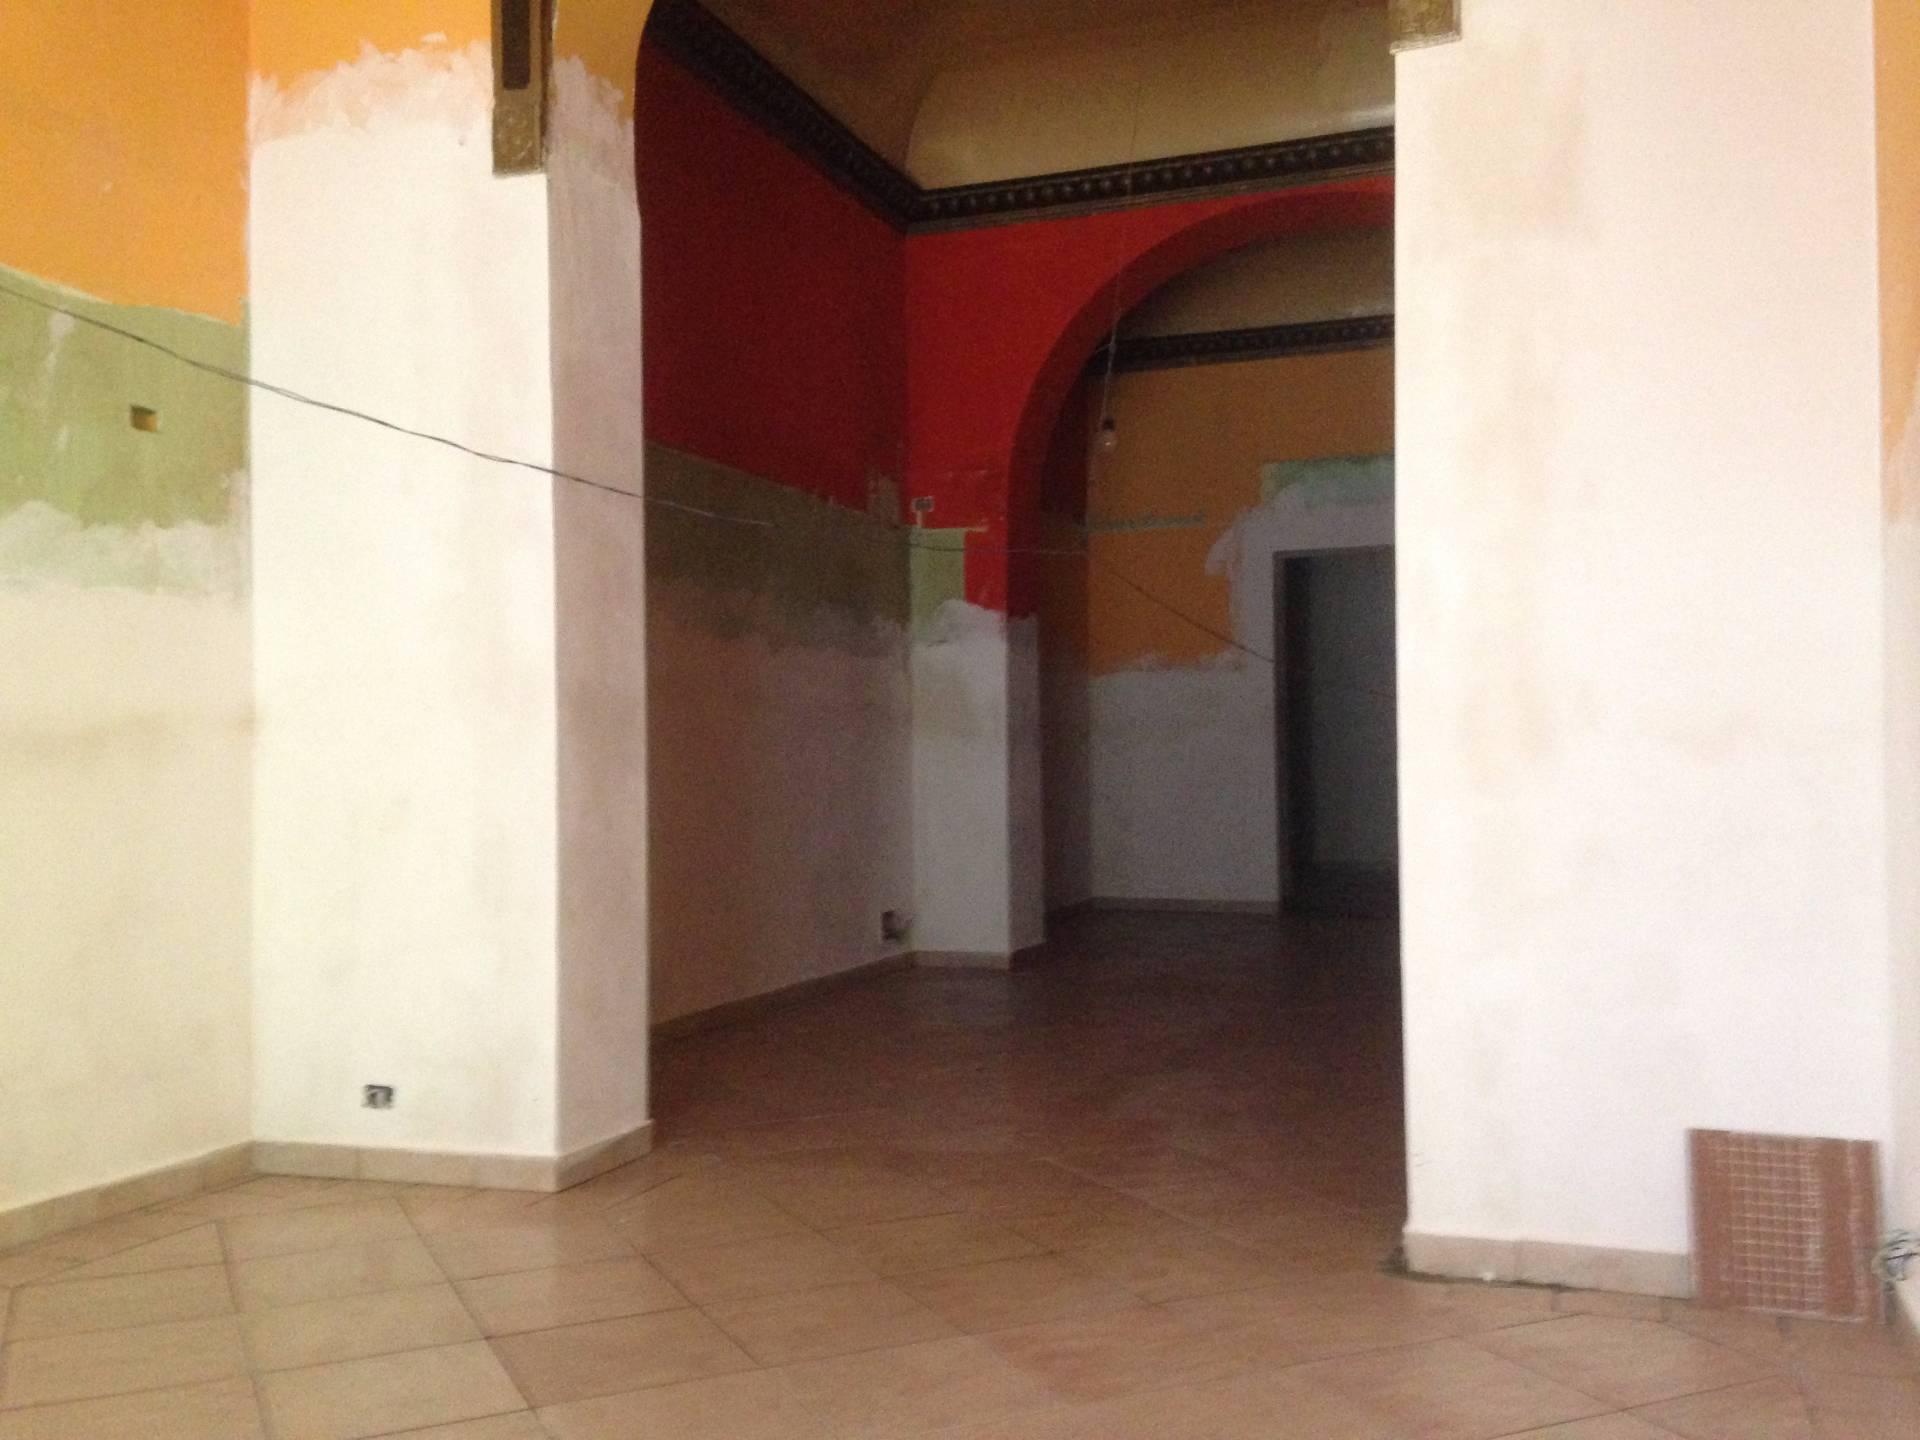 Negozio / Locale in affitto a Palermo, 9999 locali, zona Zona: Libertà, prezzo € 1.300 | CambioCasa.it